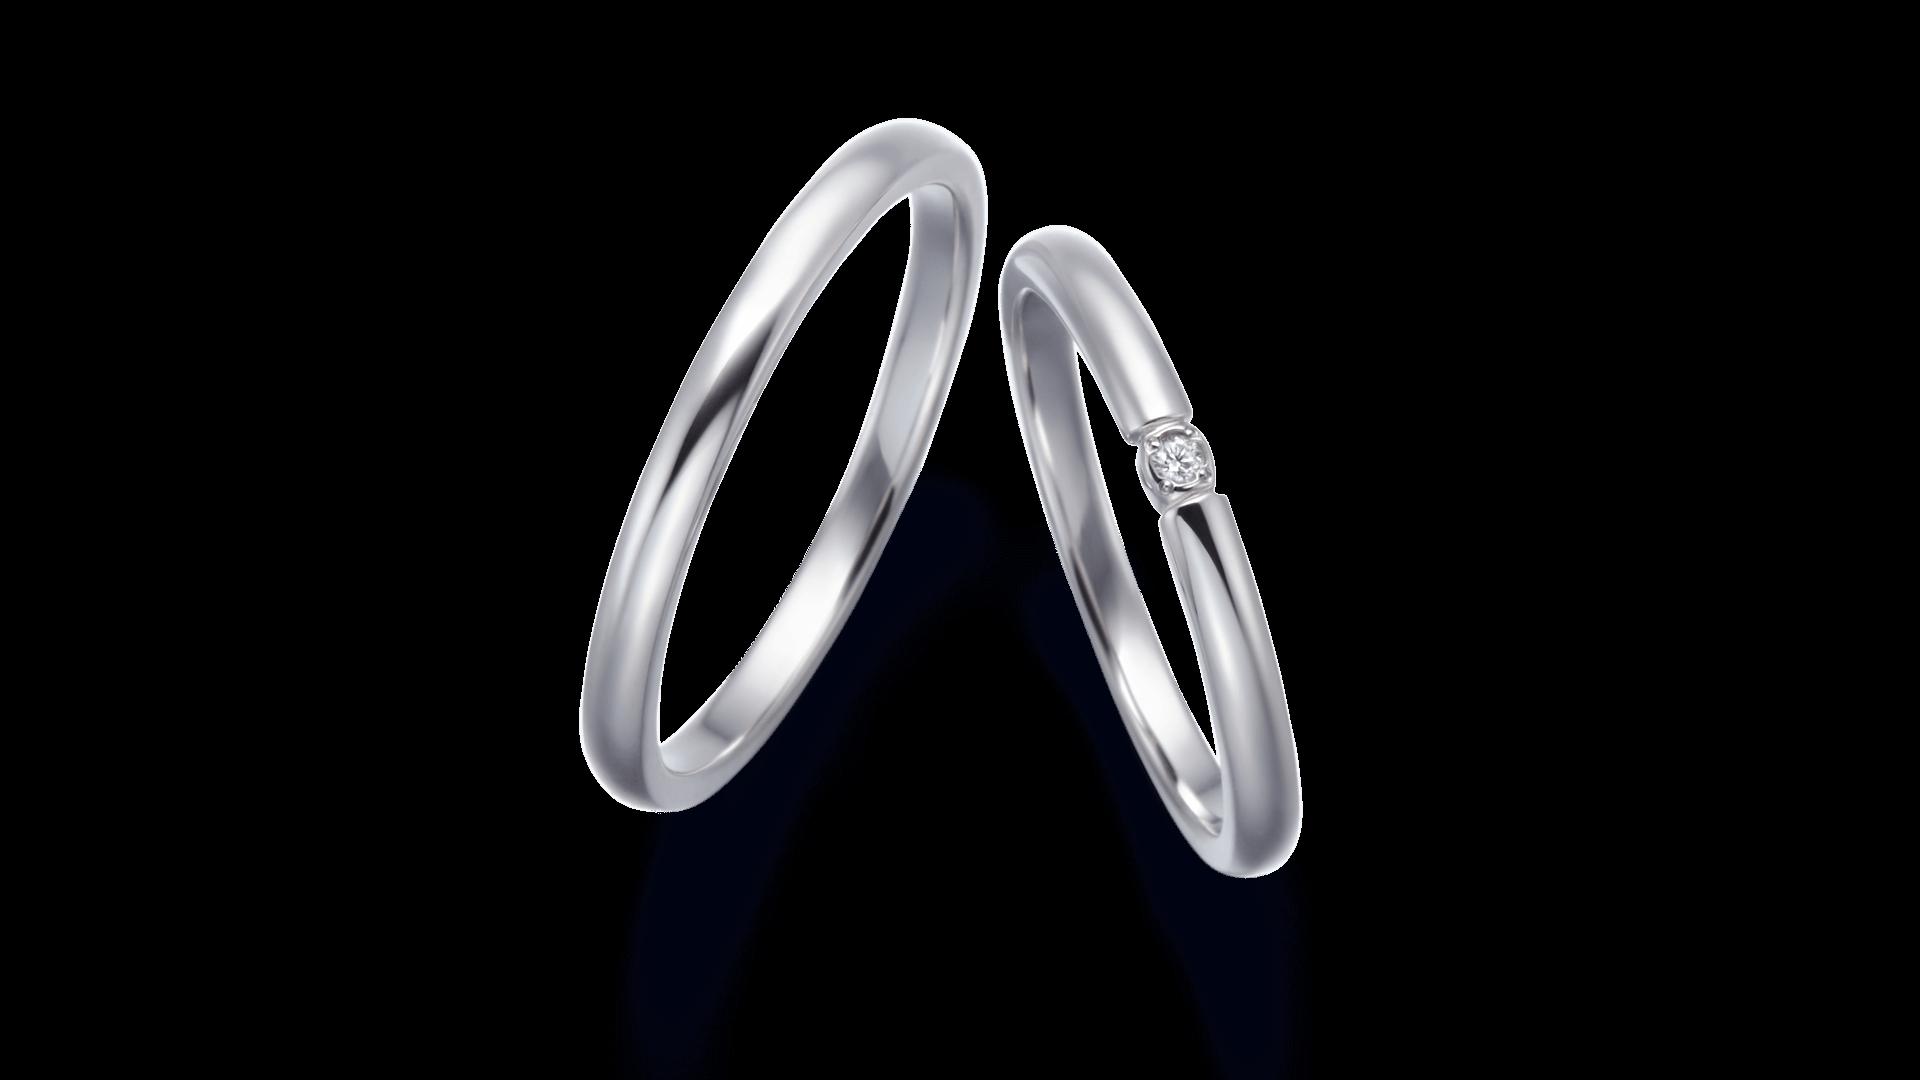 nereus ネレイス | 結婚指輪サムネイル 2